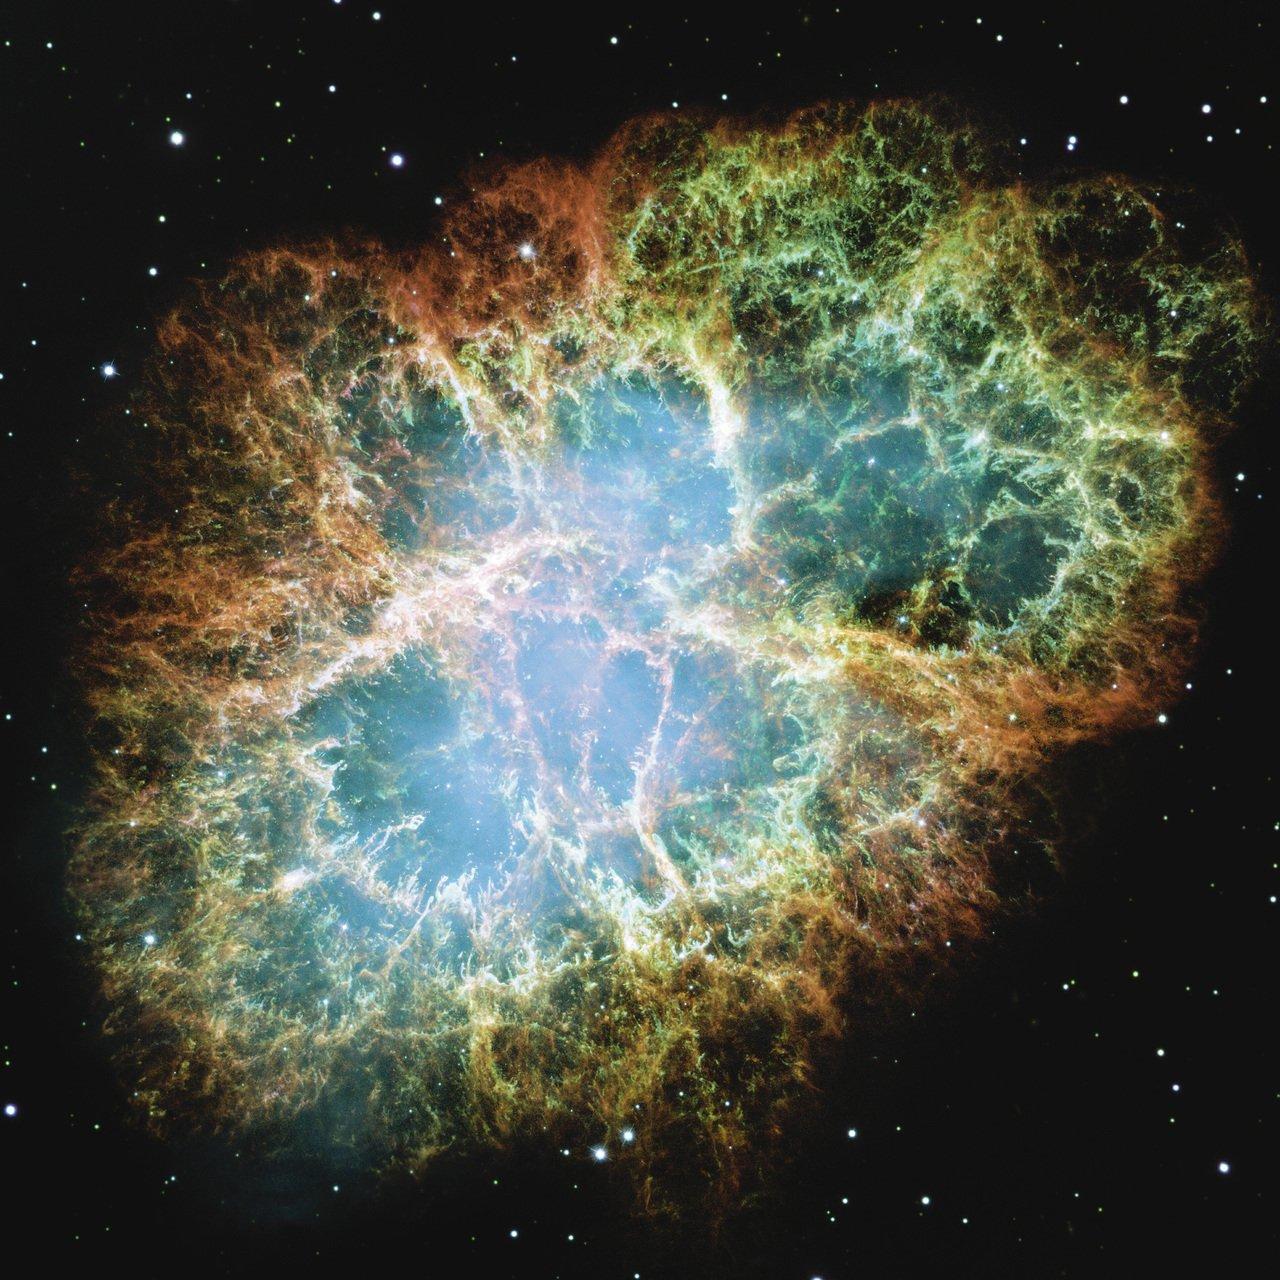 Nebulosa de Caranguejo em imagem feita pelo telescópio Hubble | Crédito: Nasa/divulgação